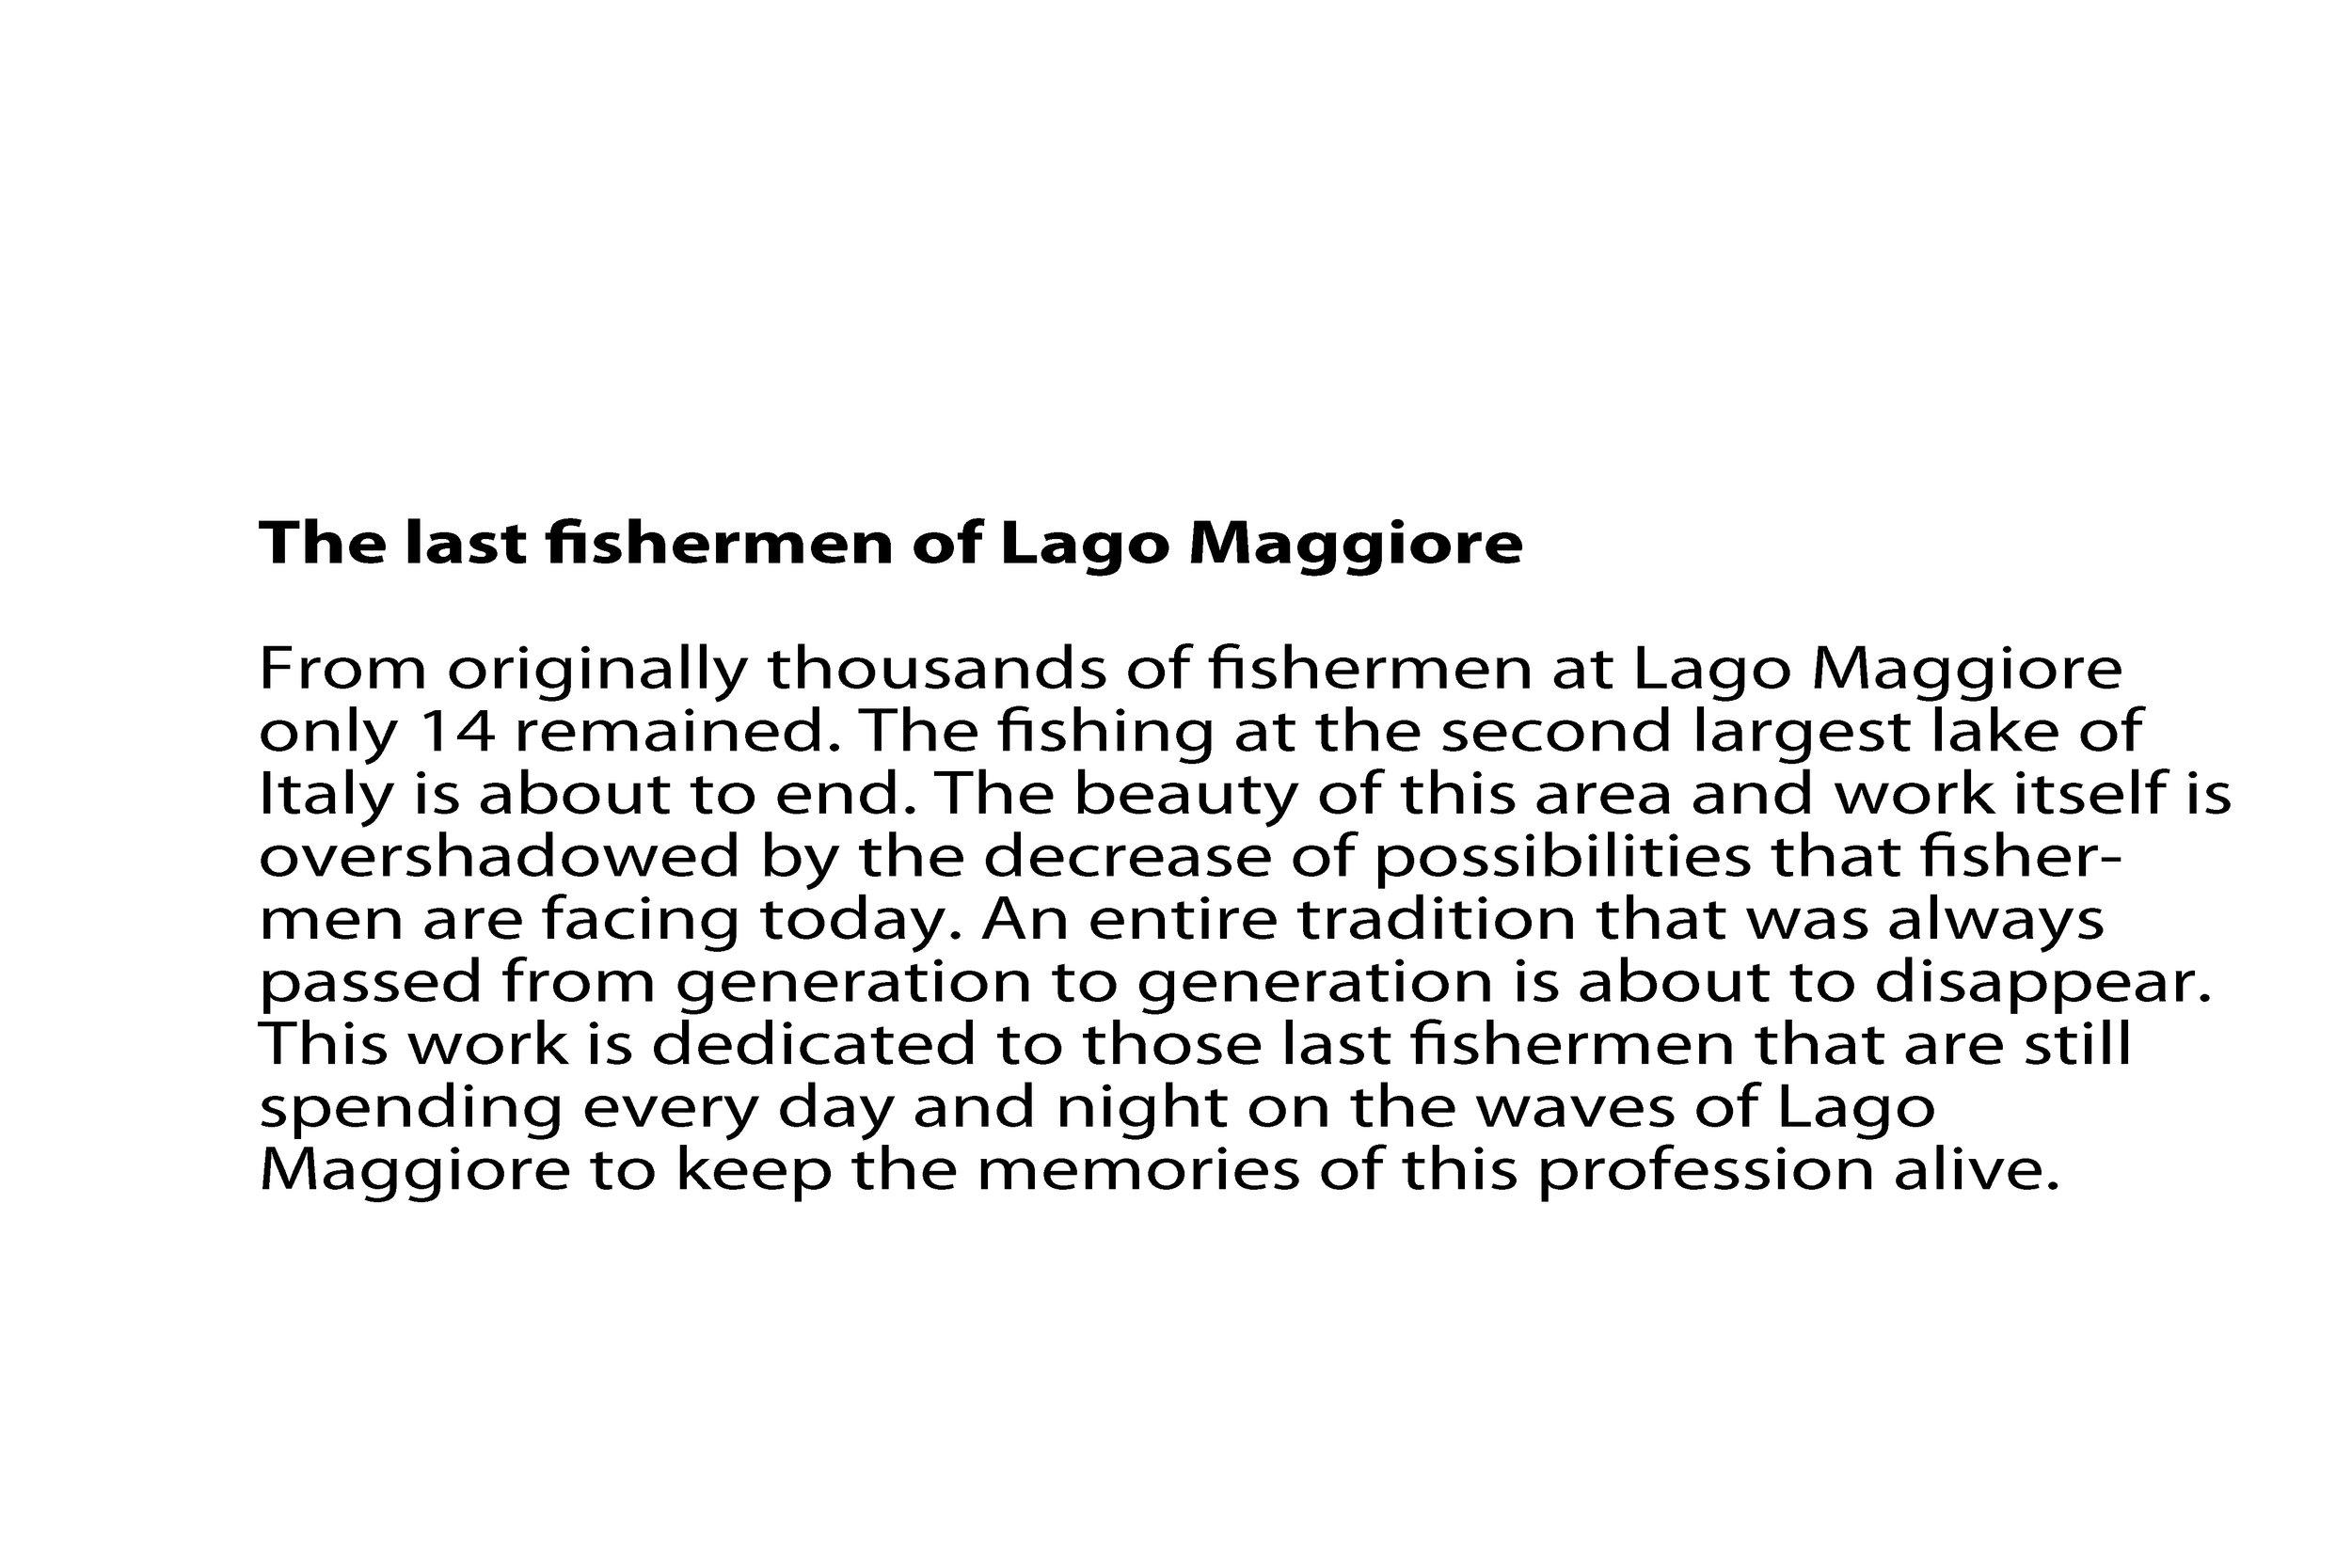 01 The last fishermen of Lago Maggiore.jpg